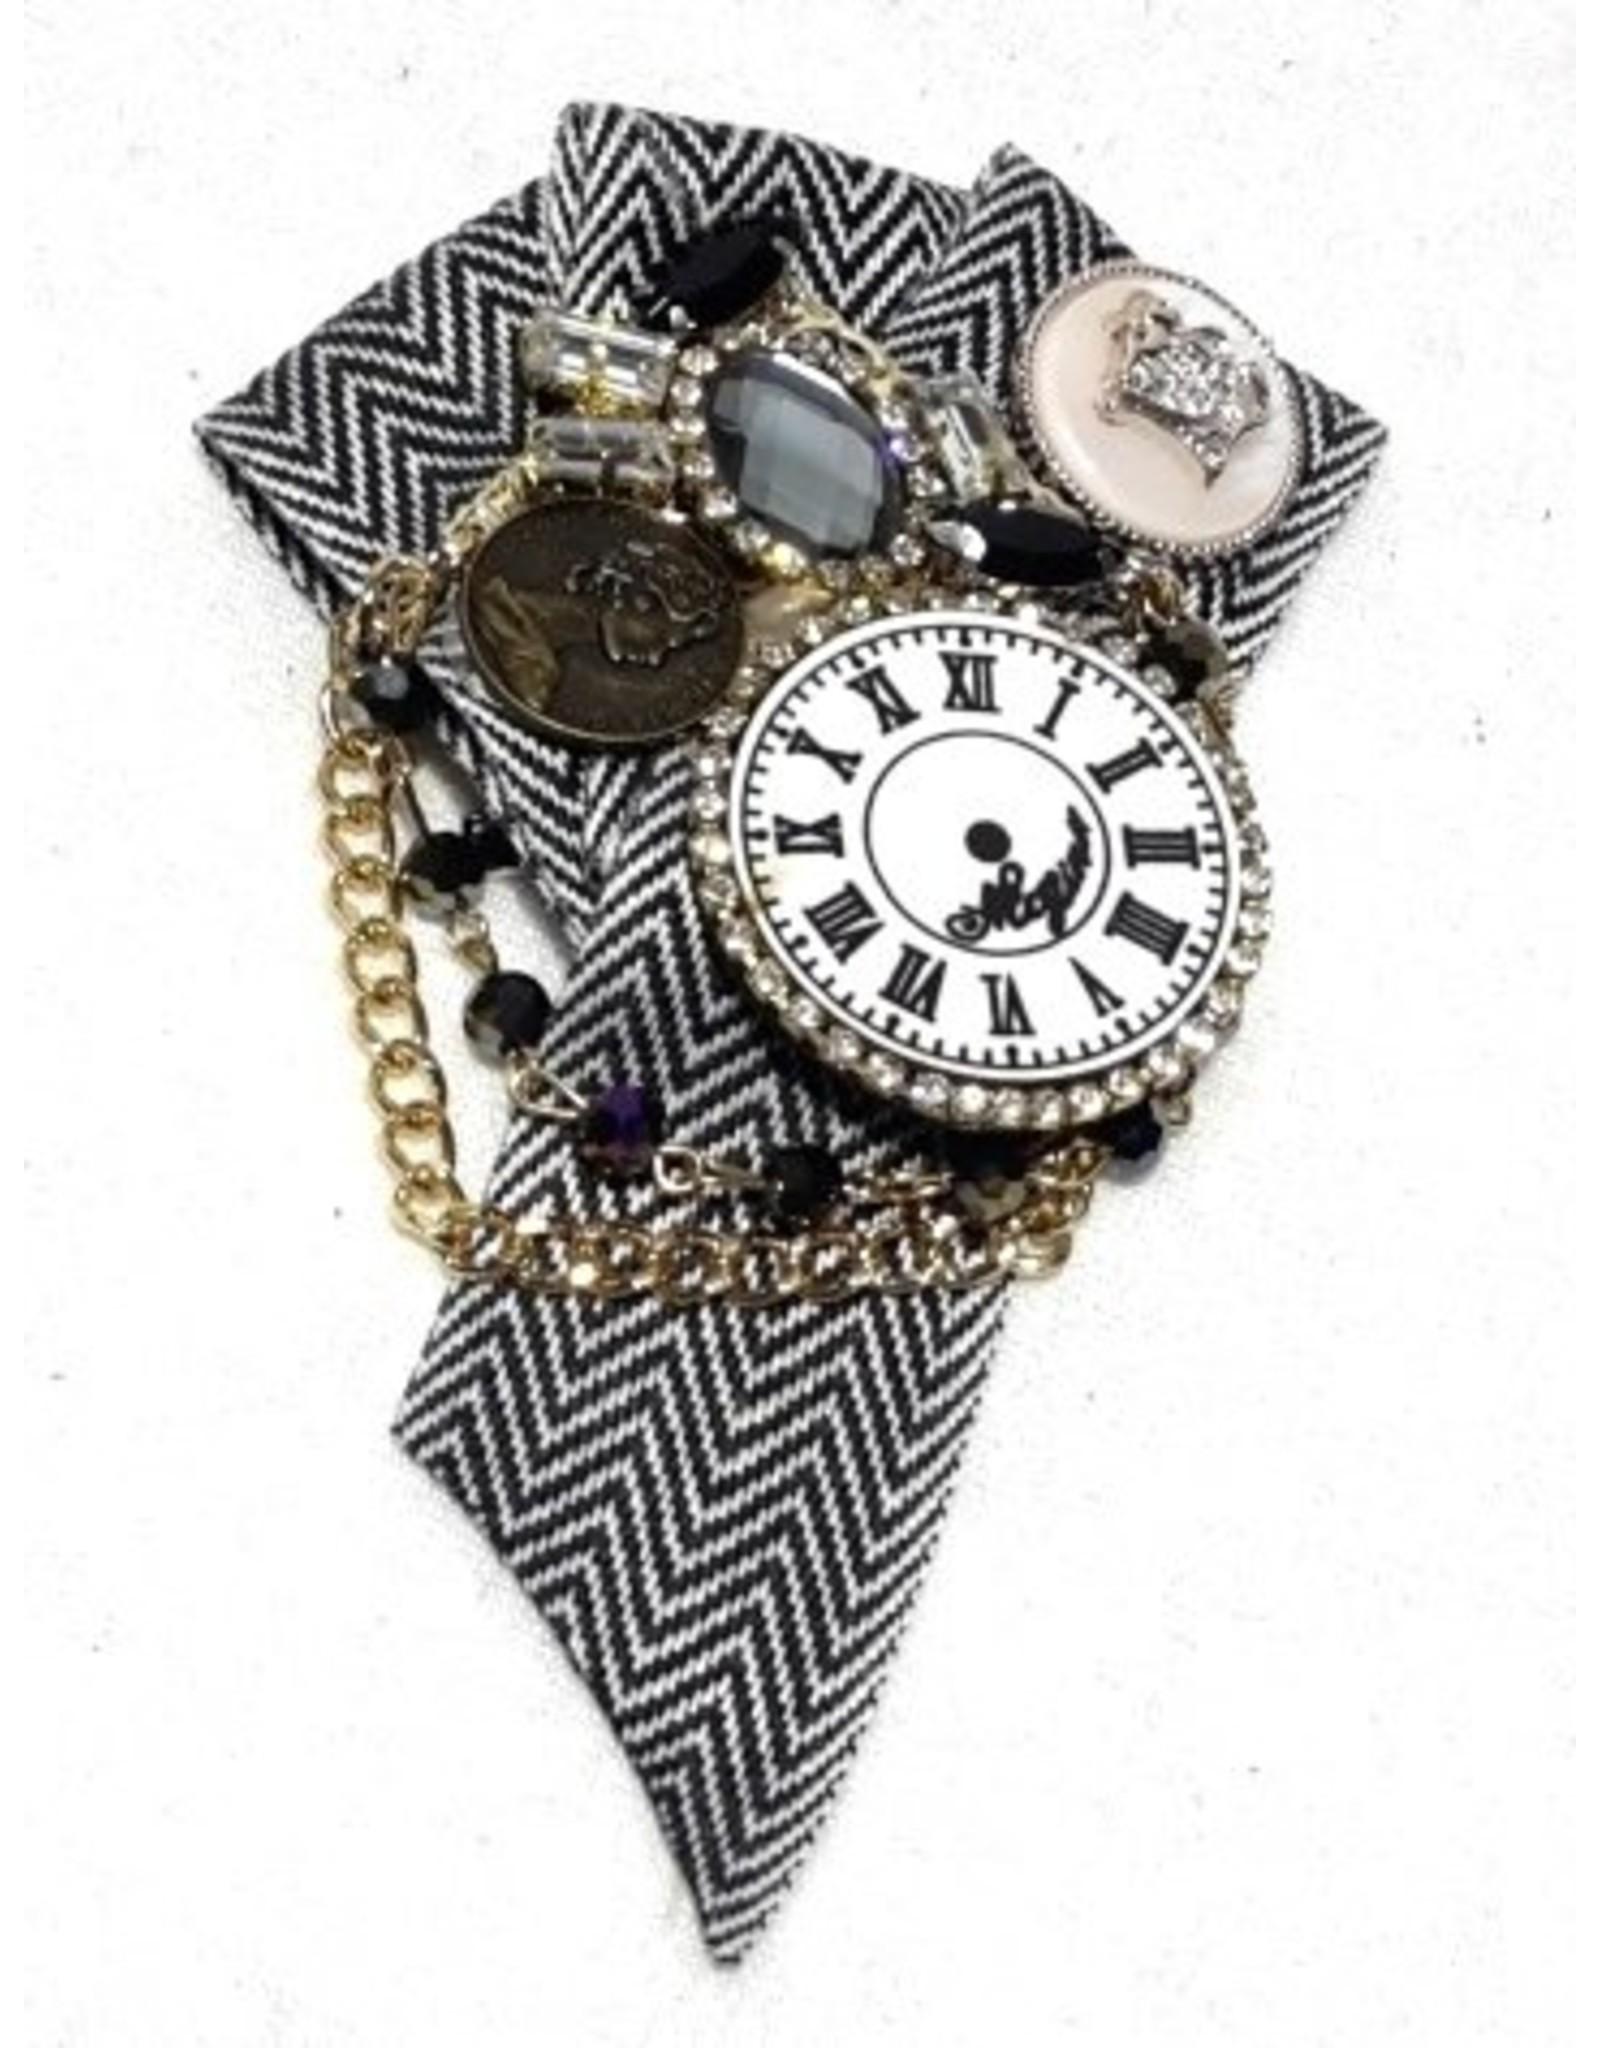 Dark Desire Gothic Steampunk accessories - Gothic Steampunk Brooch Clock